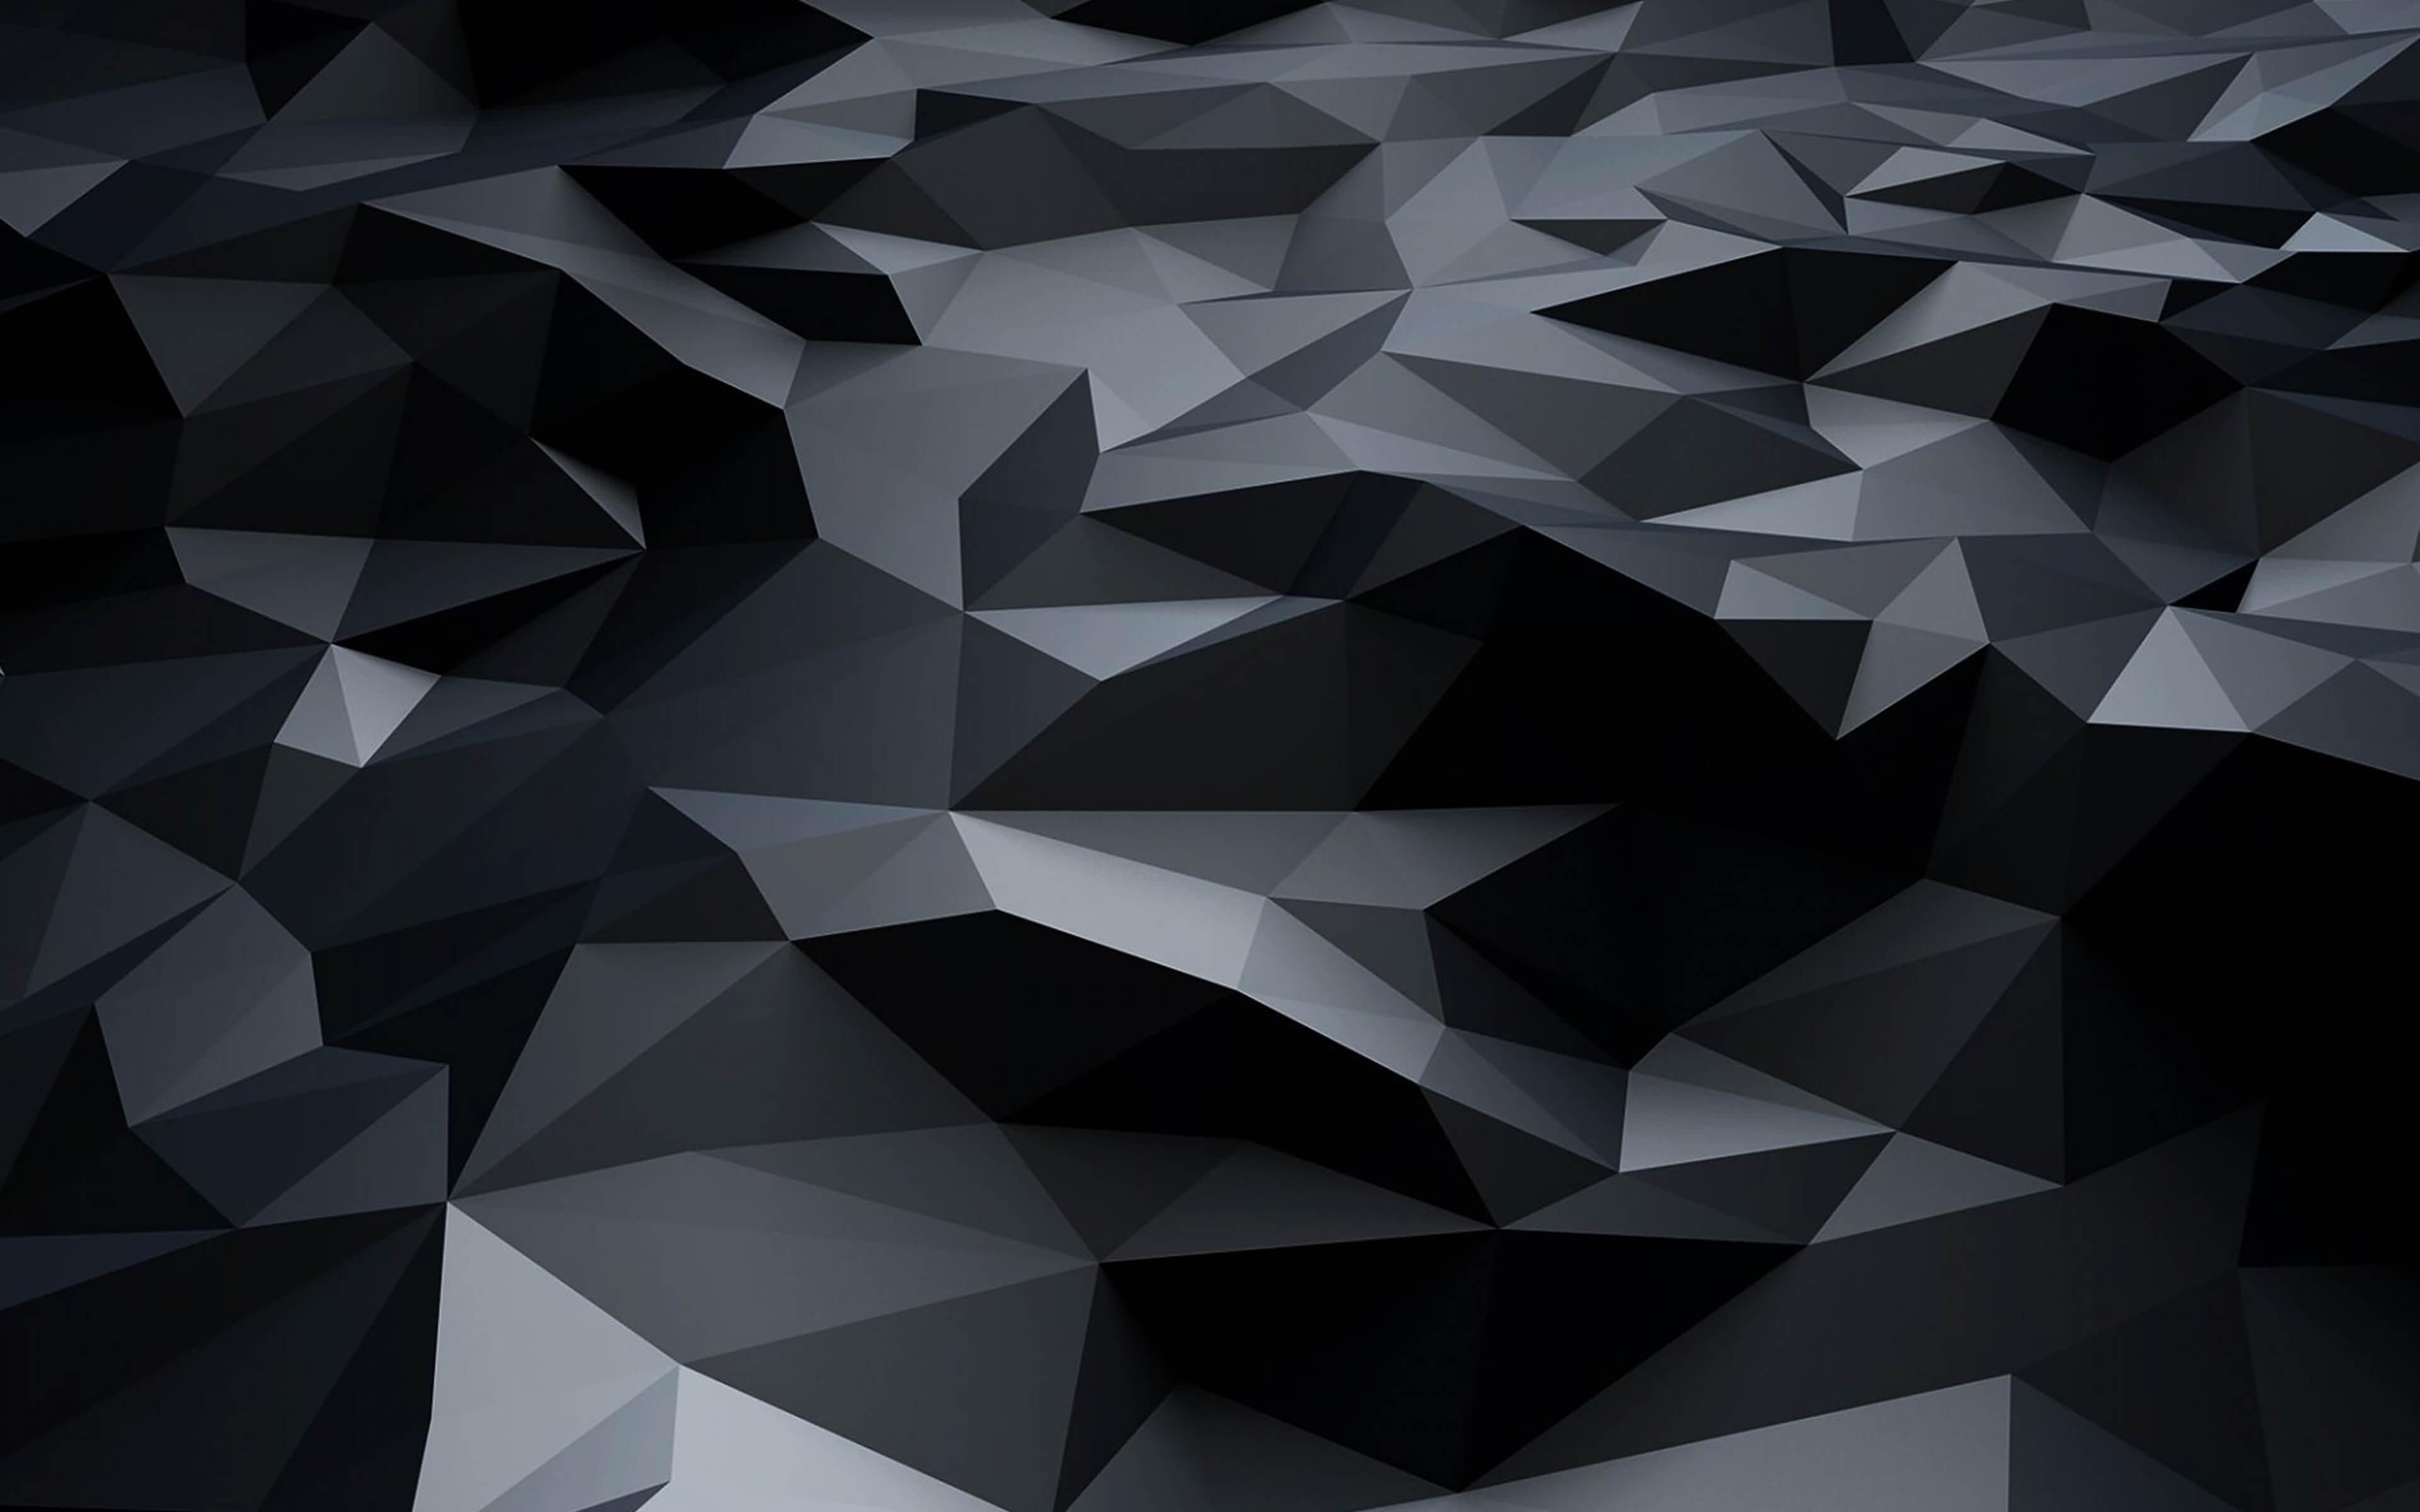 3d Wallpapers Black Wallpaper Cave